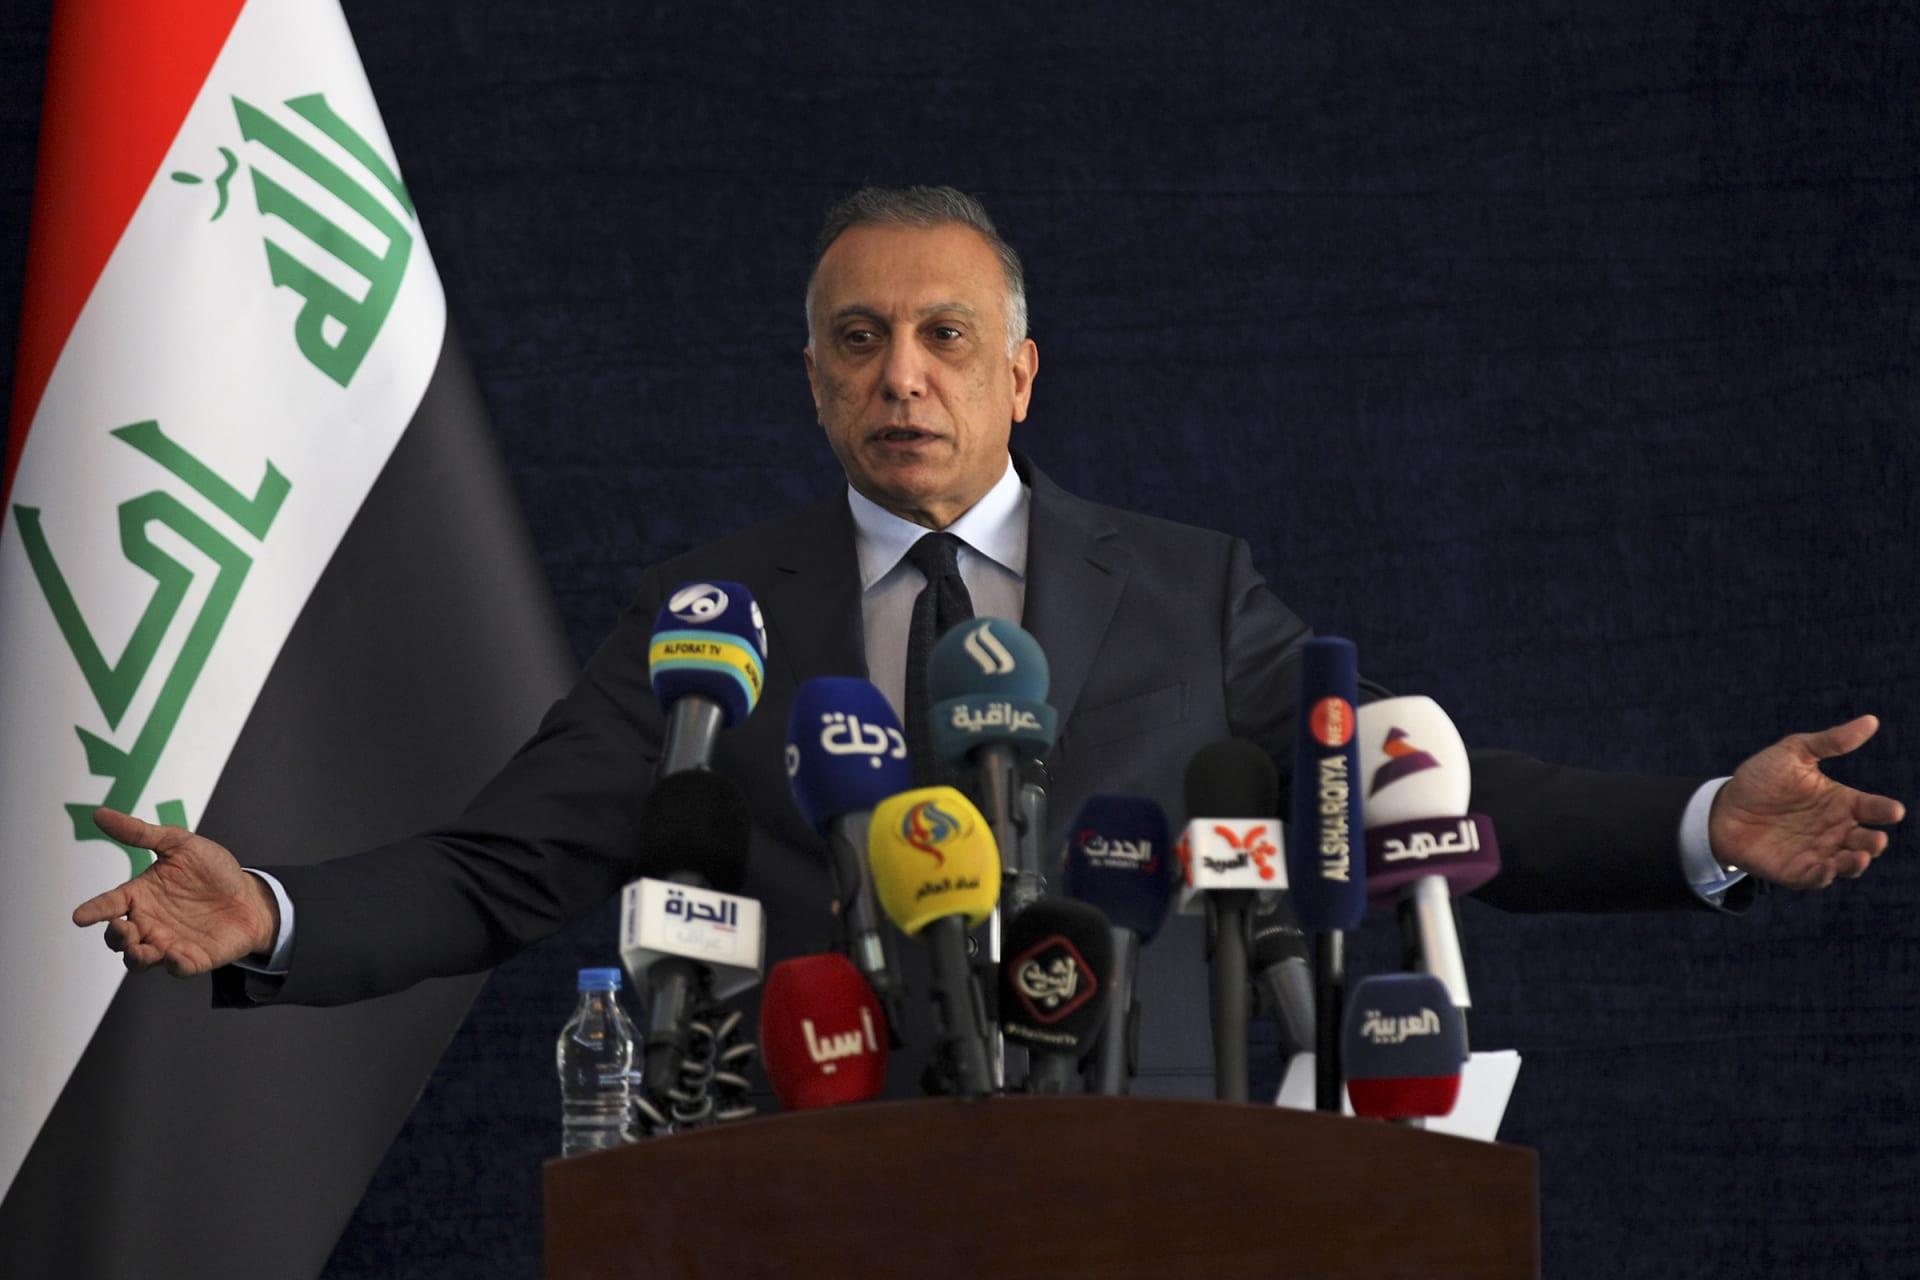 رئيس وزراء العراق مصطفى الكاظمي